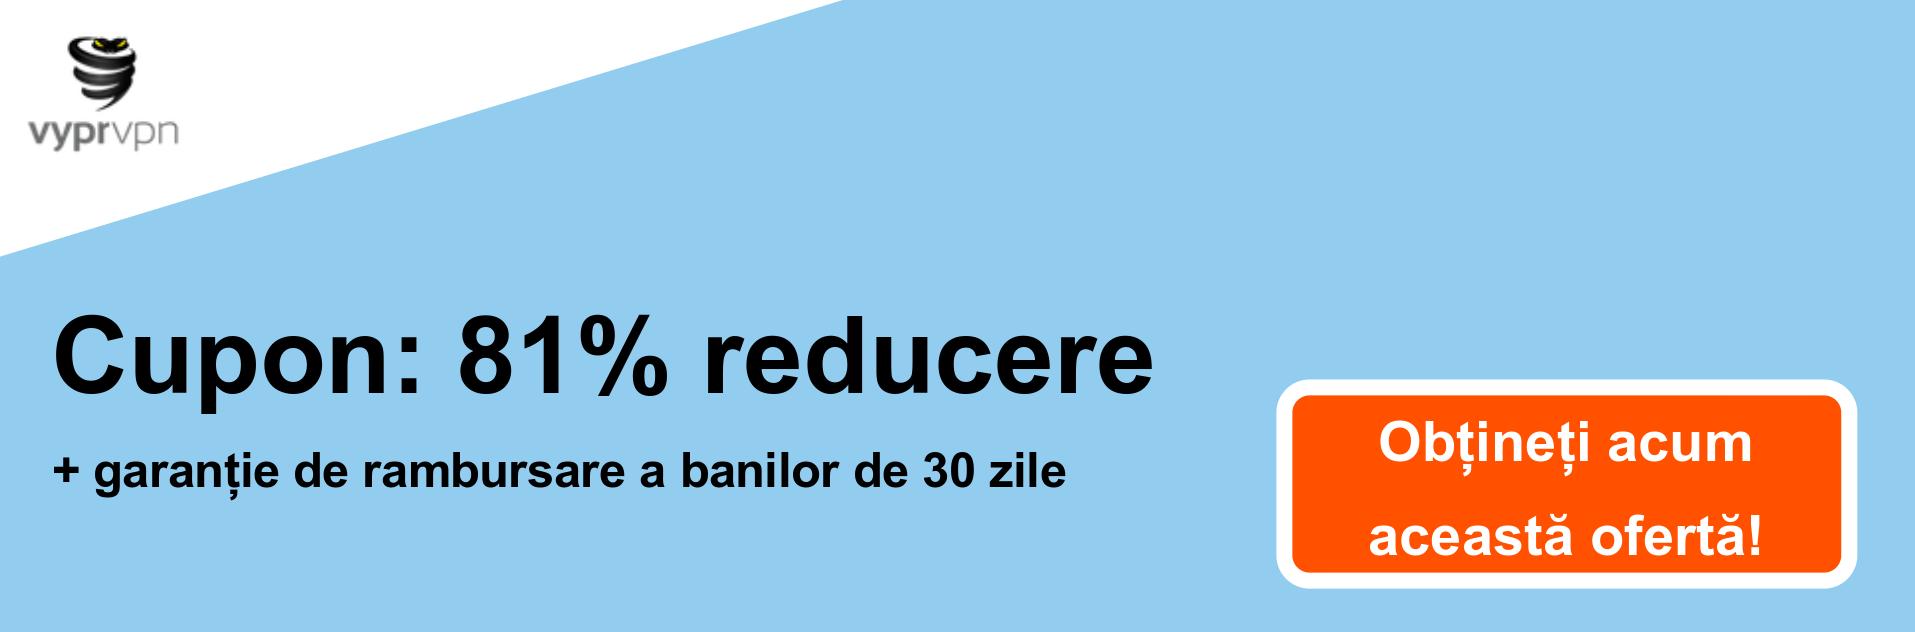 vypr vpn 81% off coupon